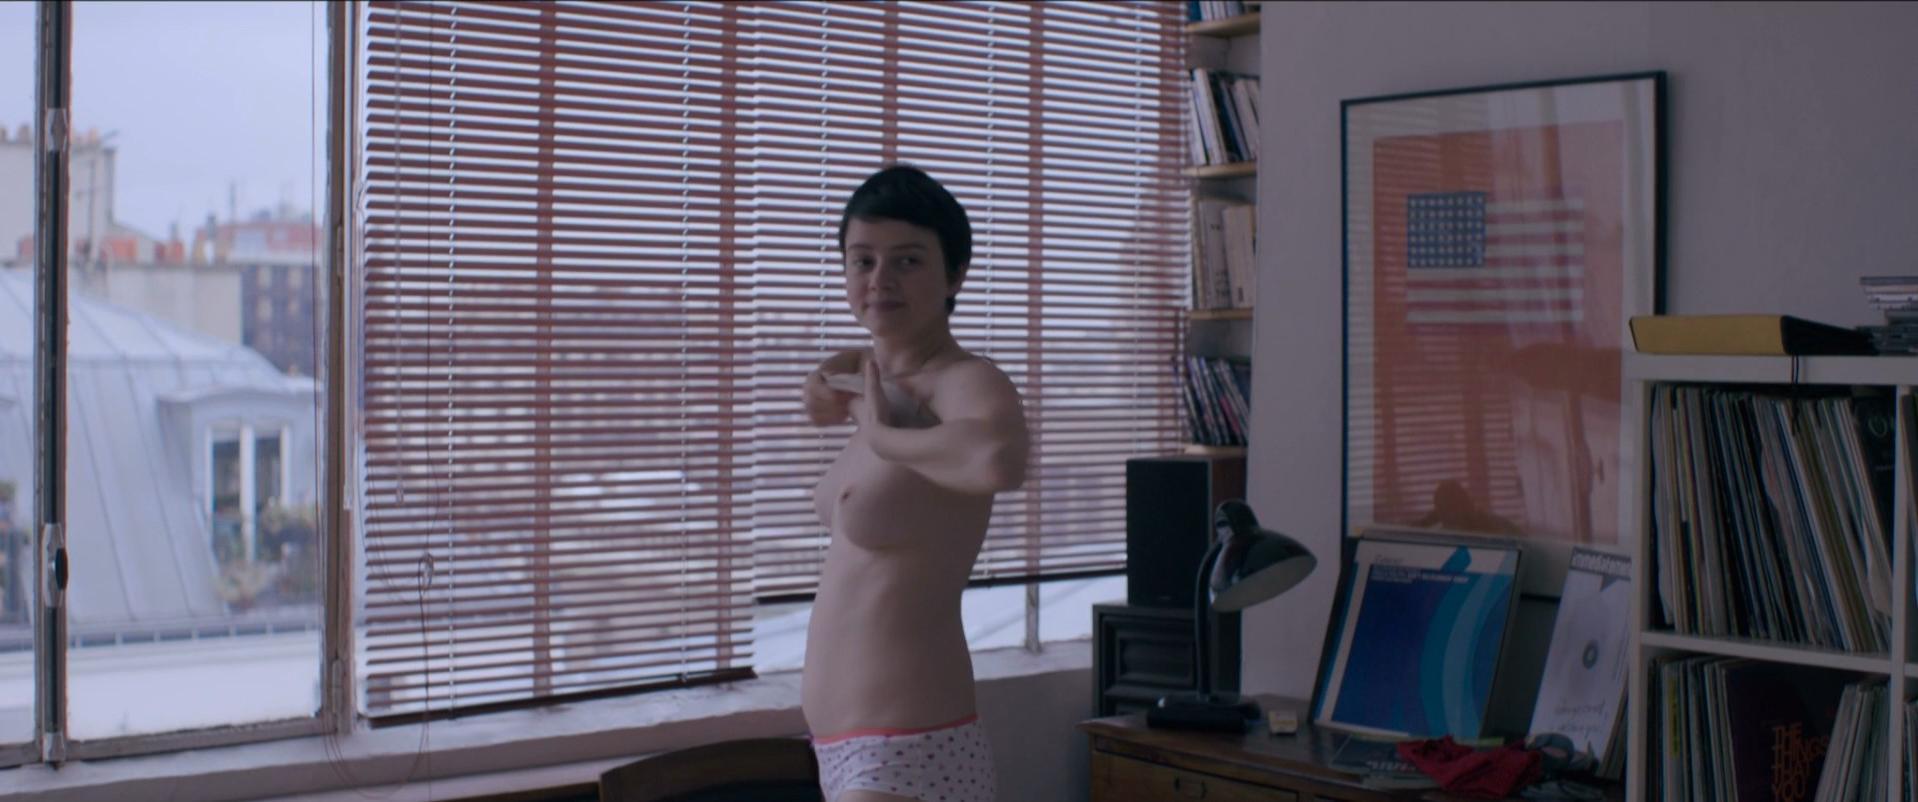 Pauline Etienne nude - Eden (2014)